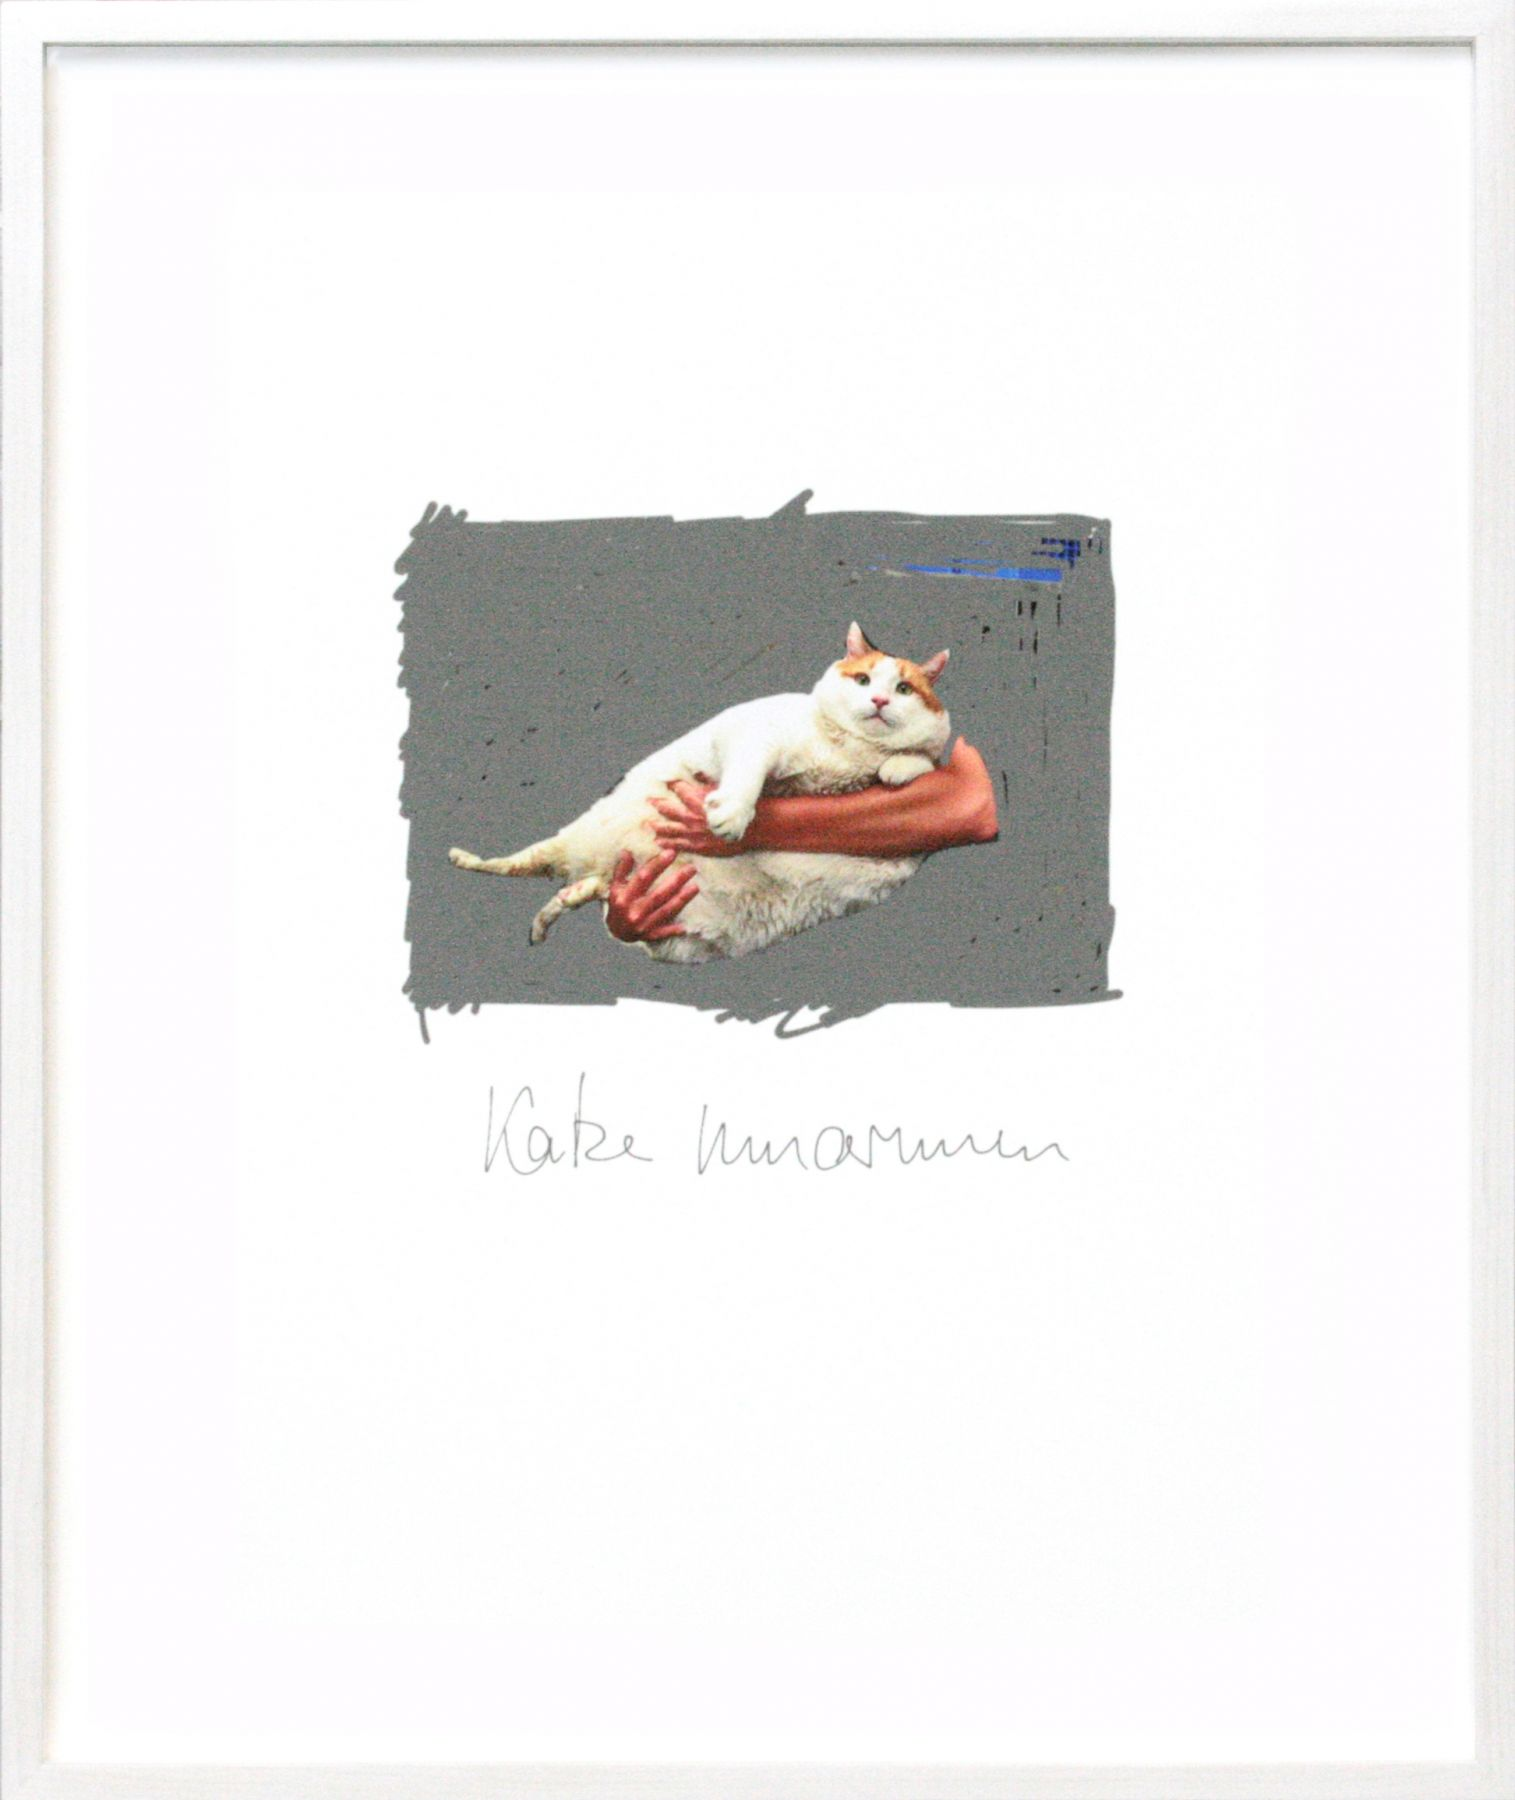 Katze umarmen, 2013